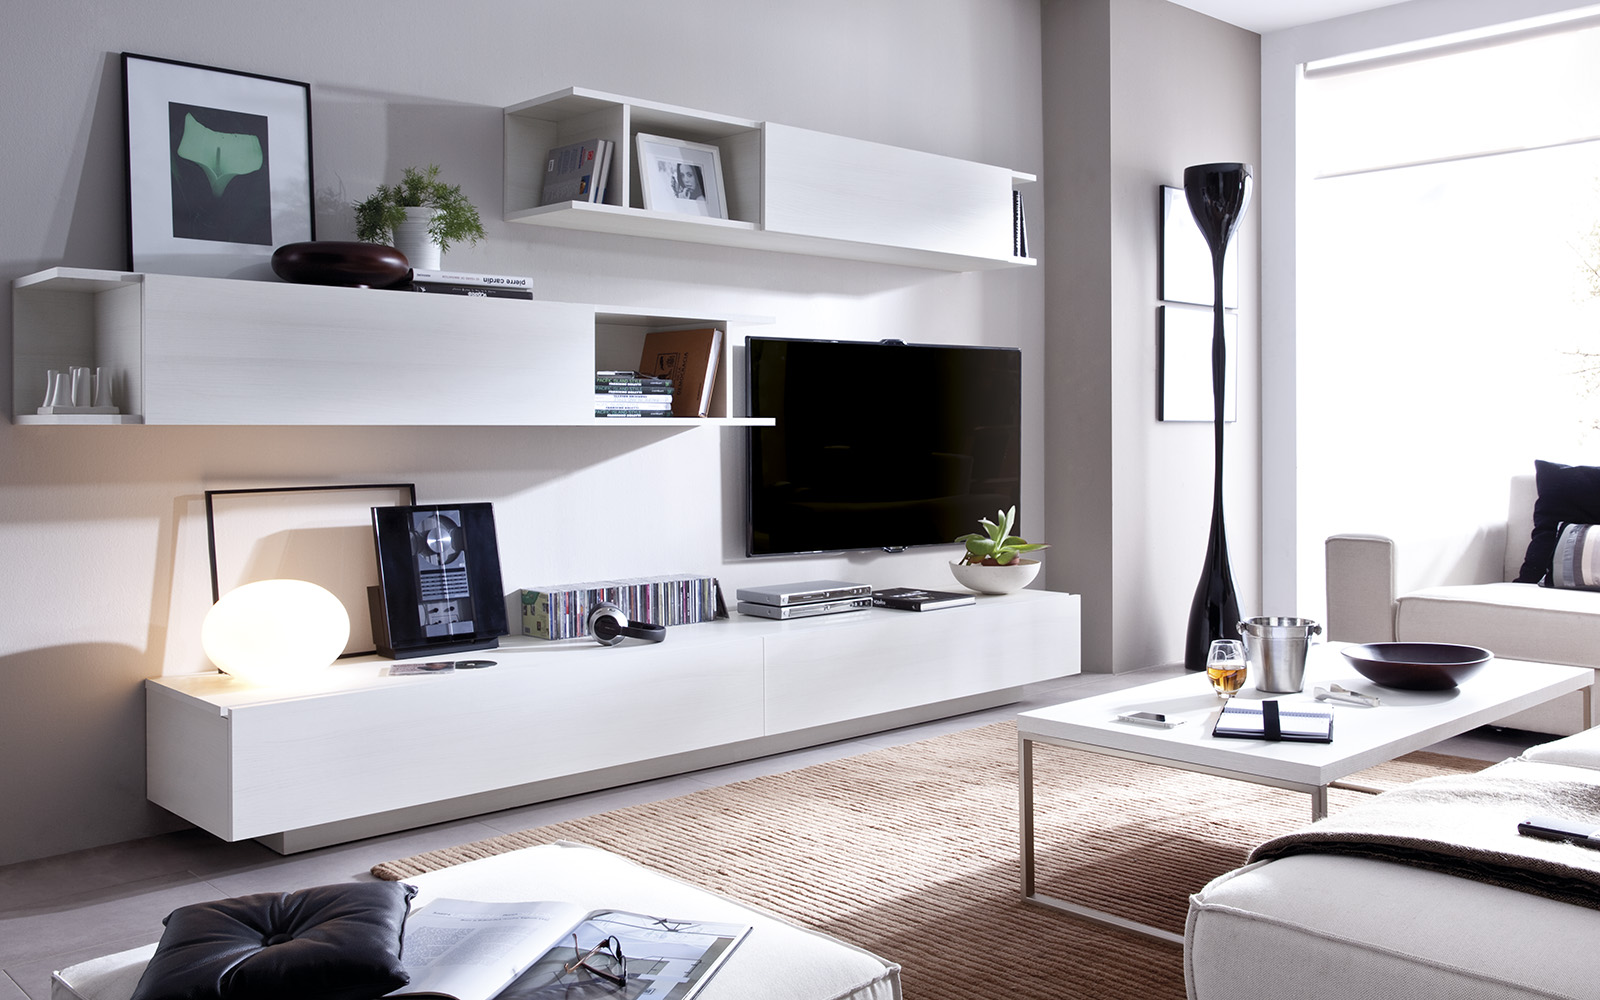 Tatat muebles a medida y m s expertos en mueble juvenil for Muebles de comedor modulares